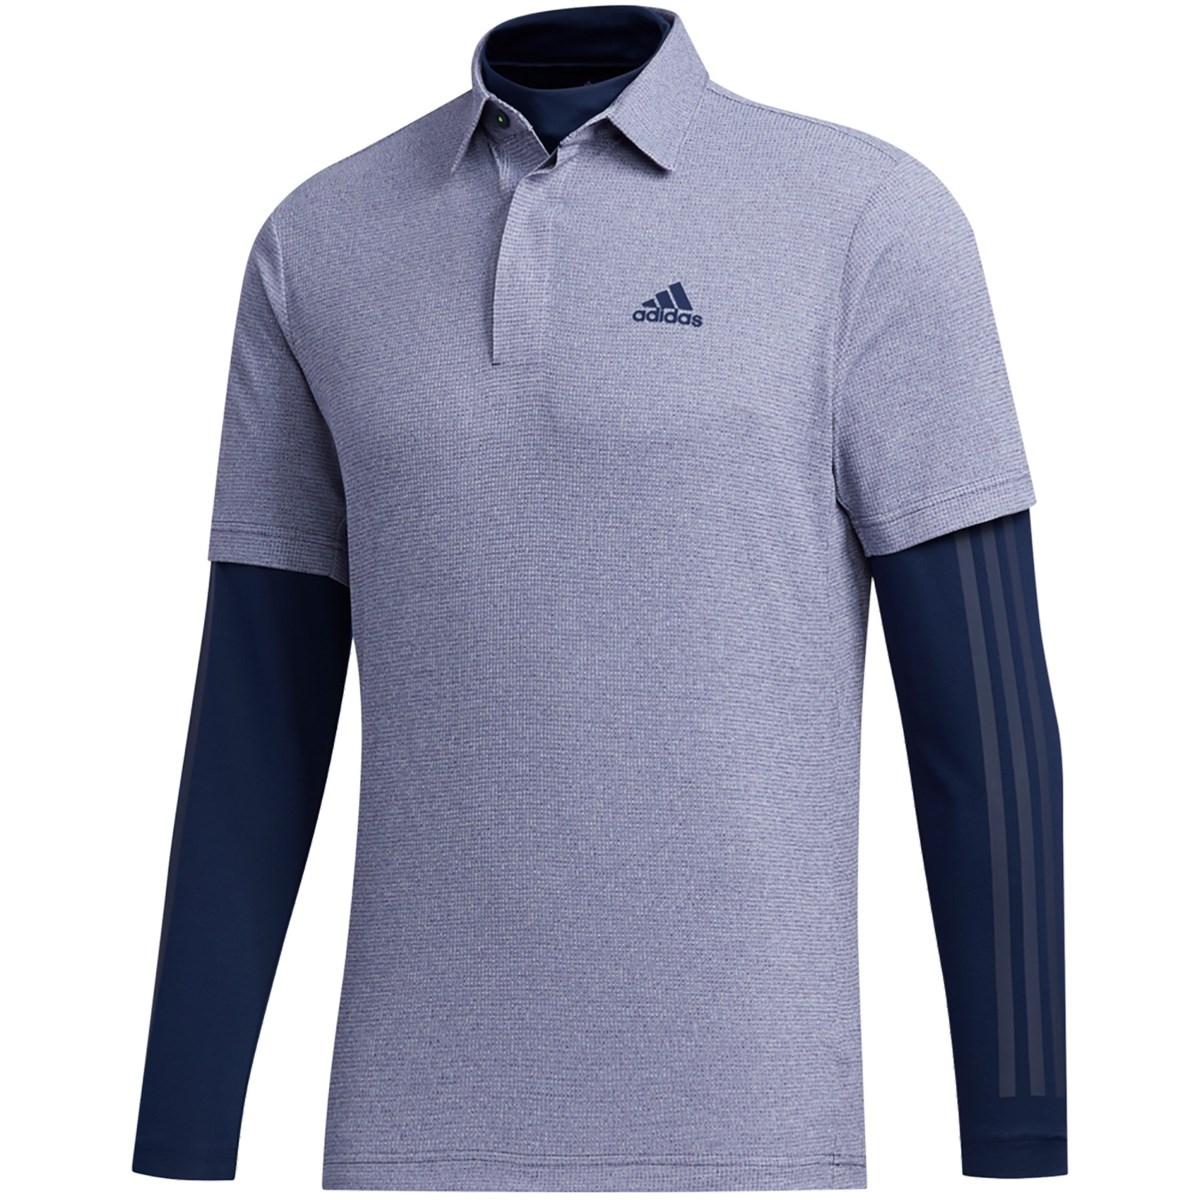 アディダス Adidas ワッフルメランジ レイヤード 半袖ポロシャツ S カレッジネイビー